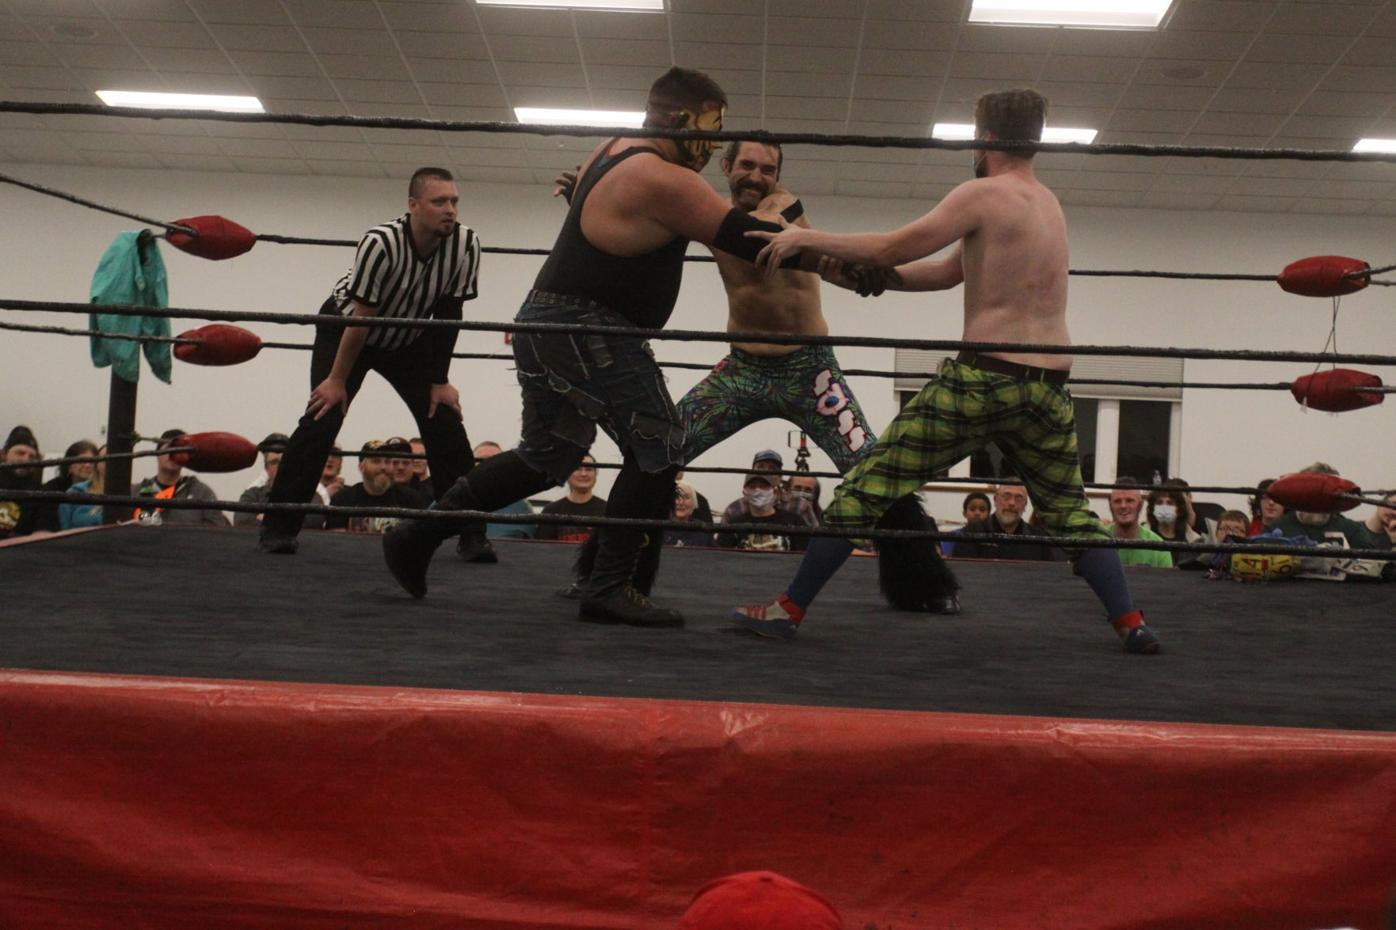 Fatal four-way match